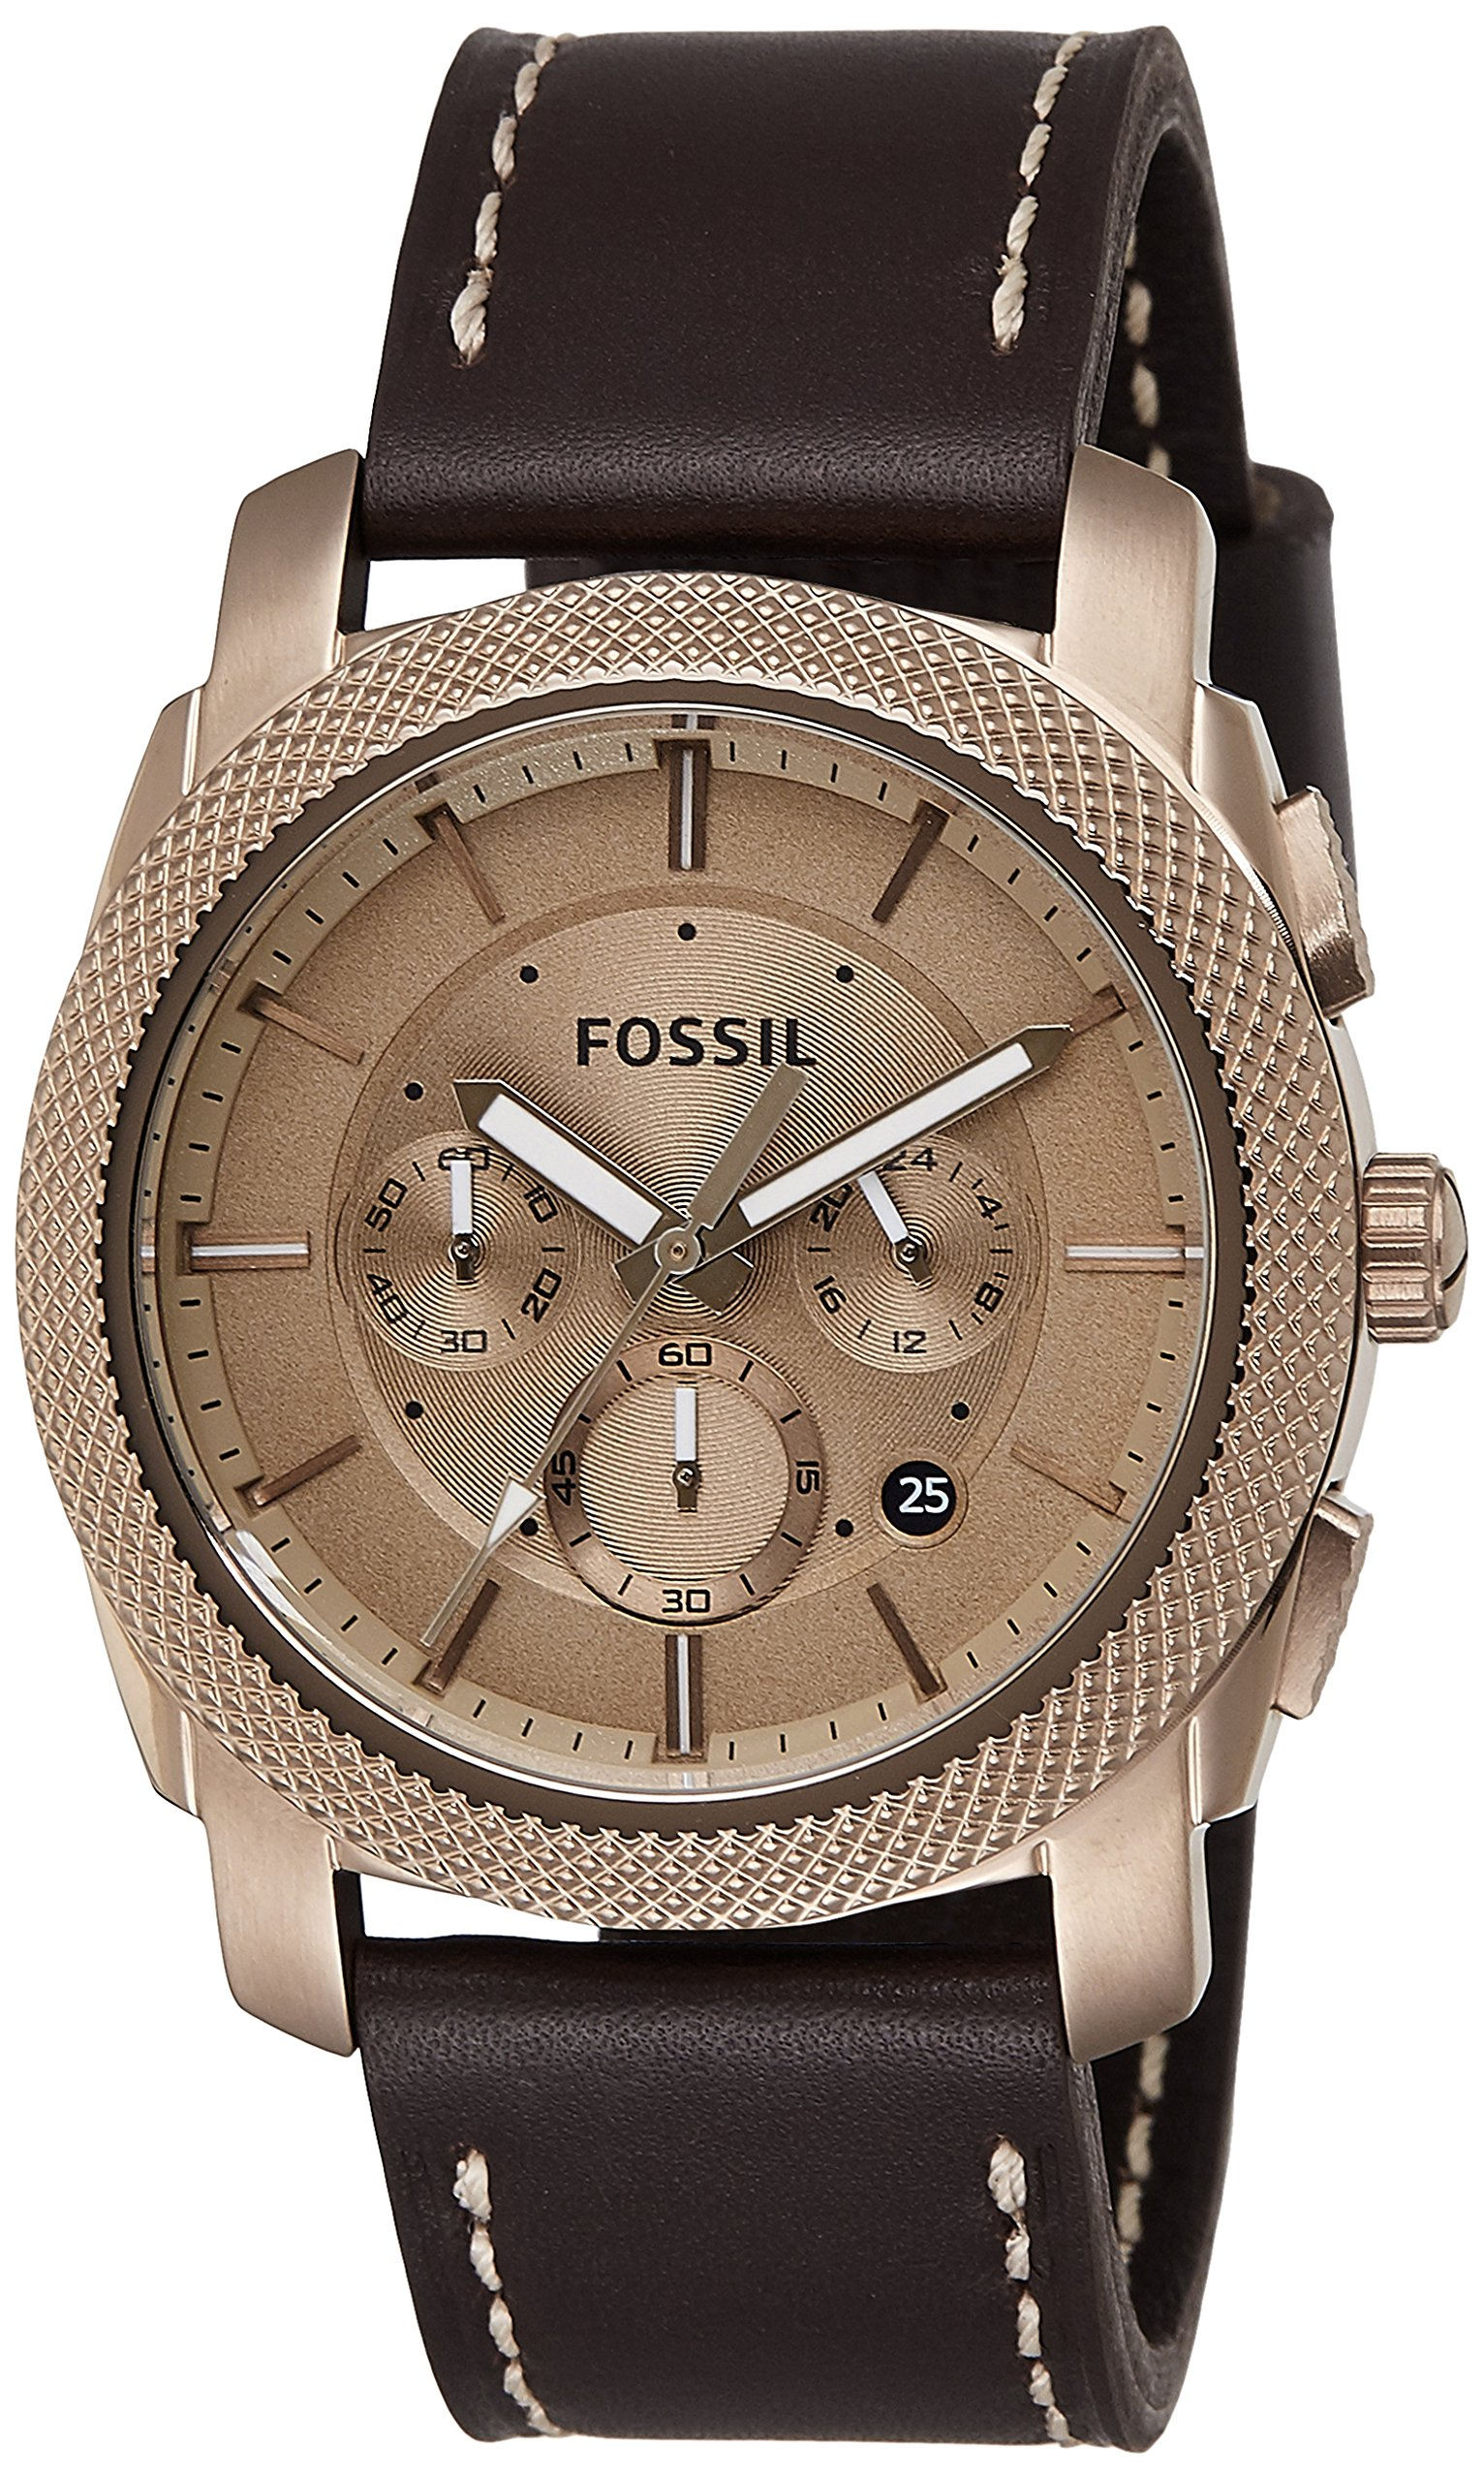 Fossil Men's FS5075 Machine Chronograph Leather Watch – Dark Brown